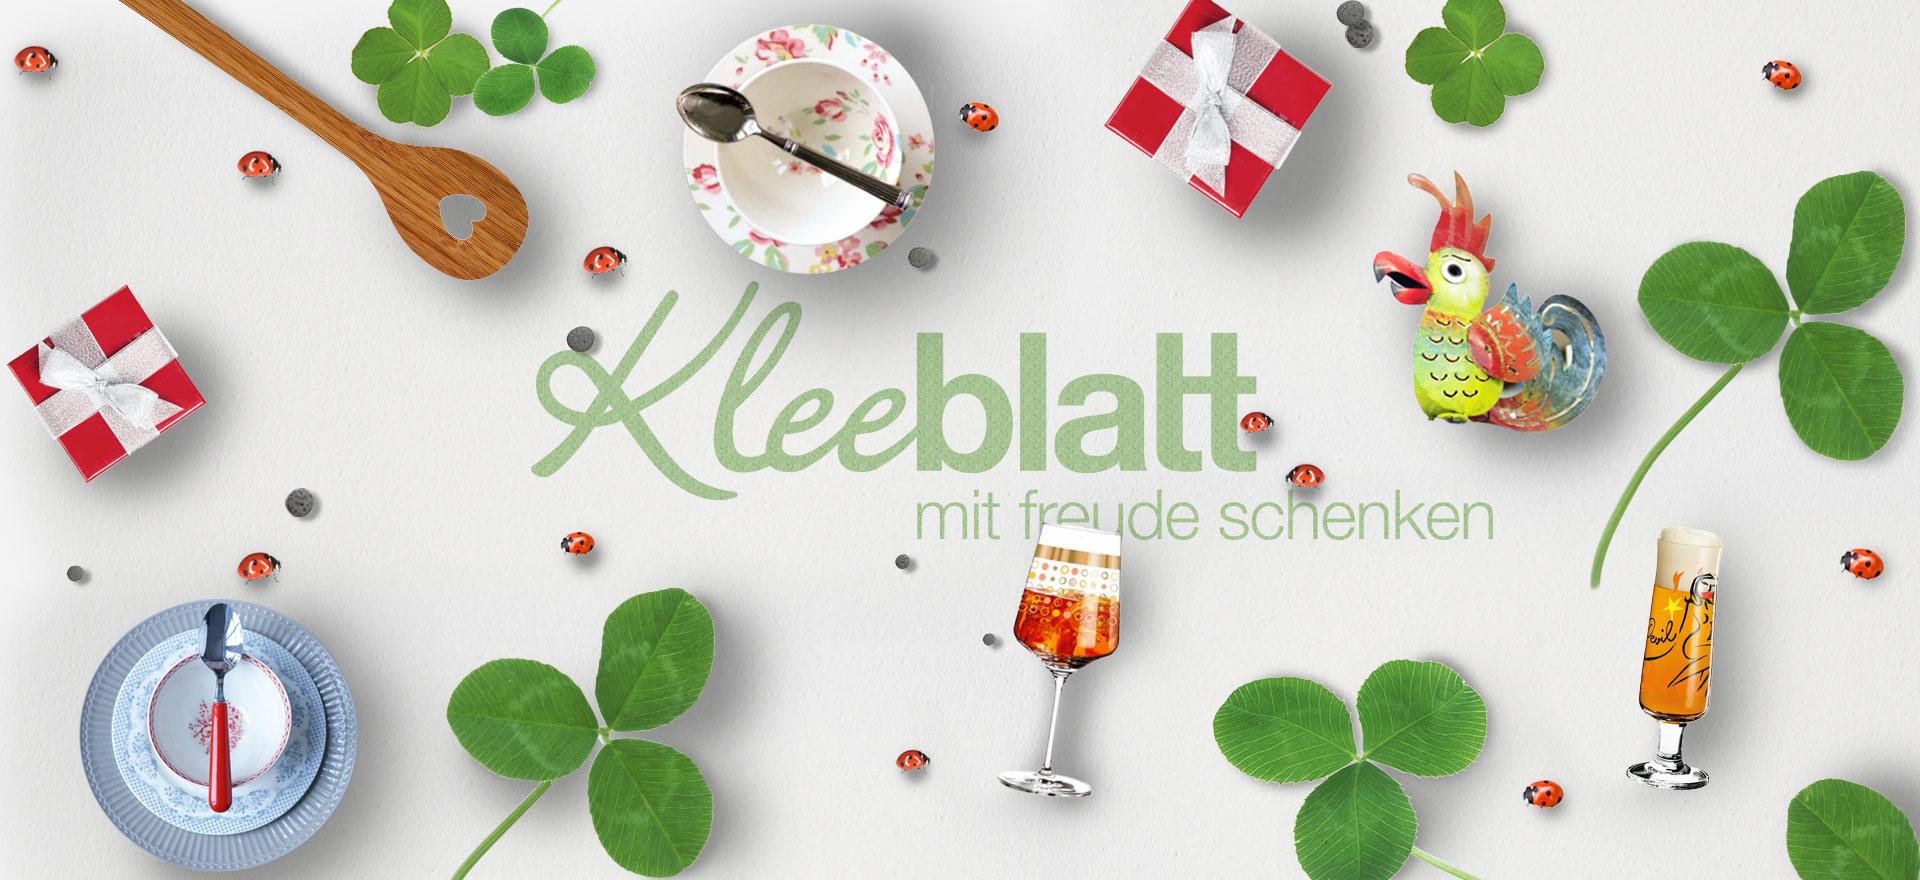 Kleeblatt Header